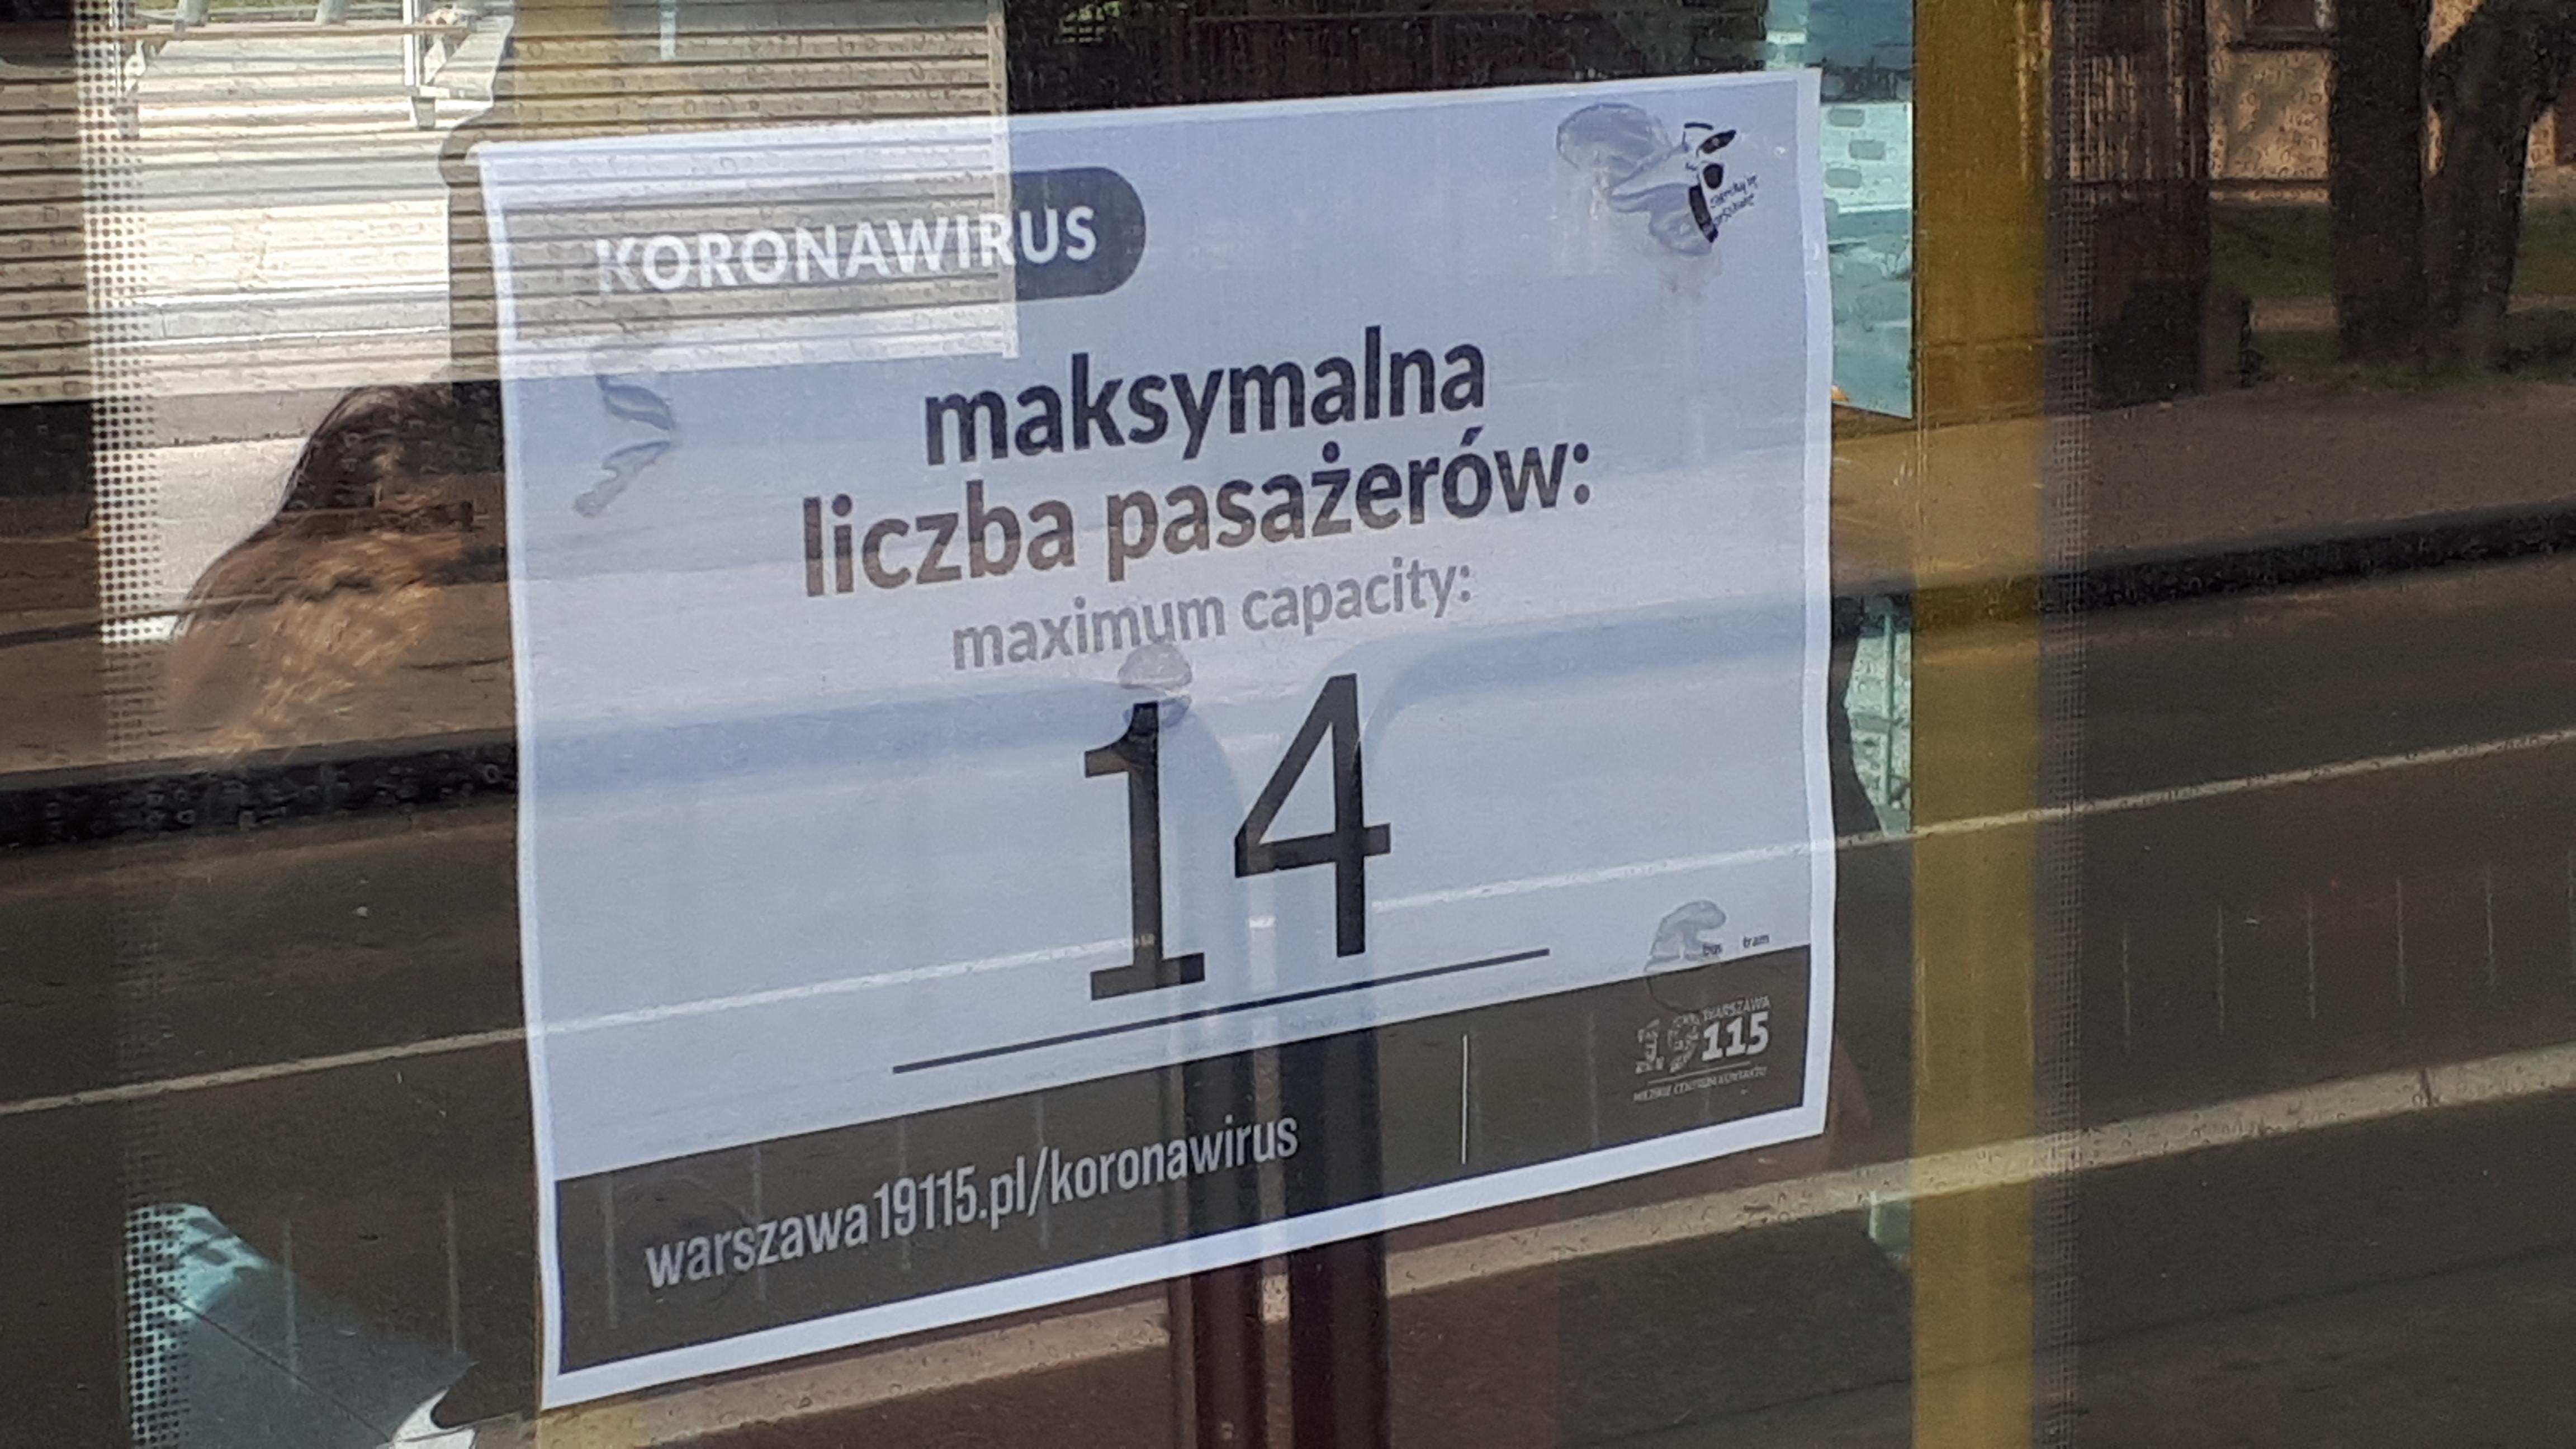 Informacja o ograniczeniu liczby pasażerów w tramwaju (warszawska Pesa Jazz Duo 128N #3632) z powodu koronawirusa (28 marca 2020)